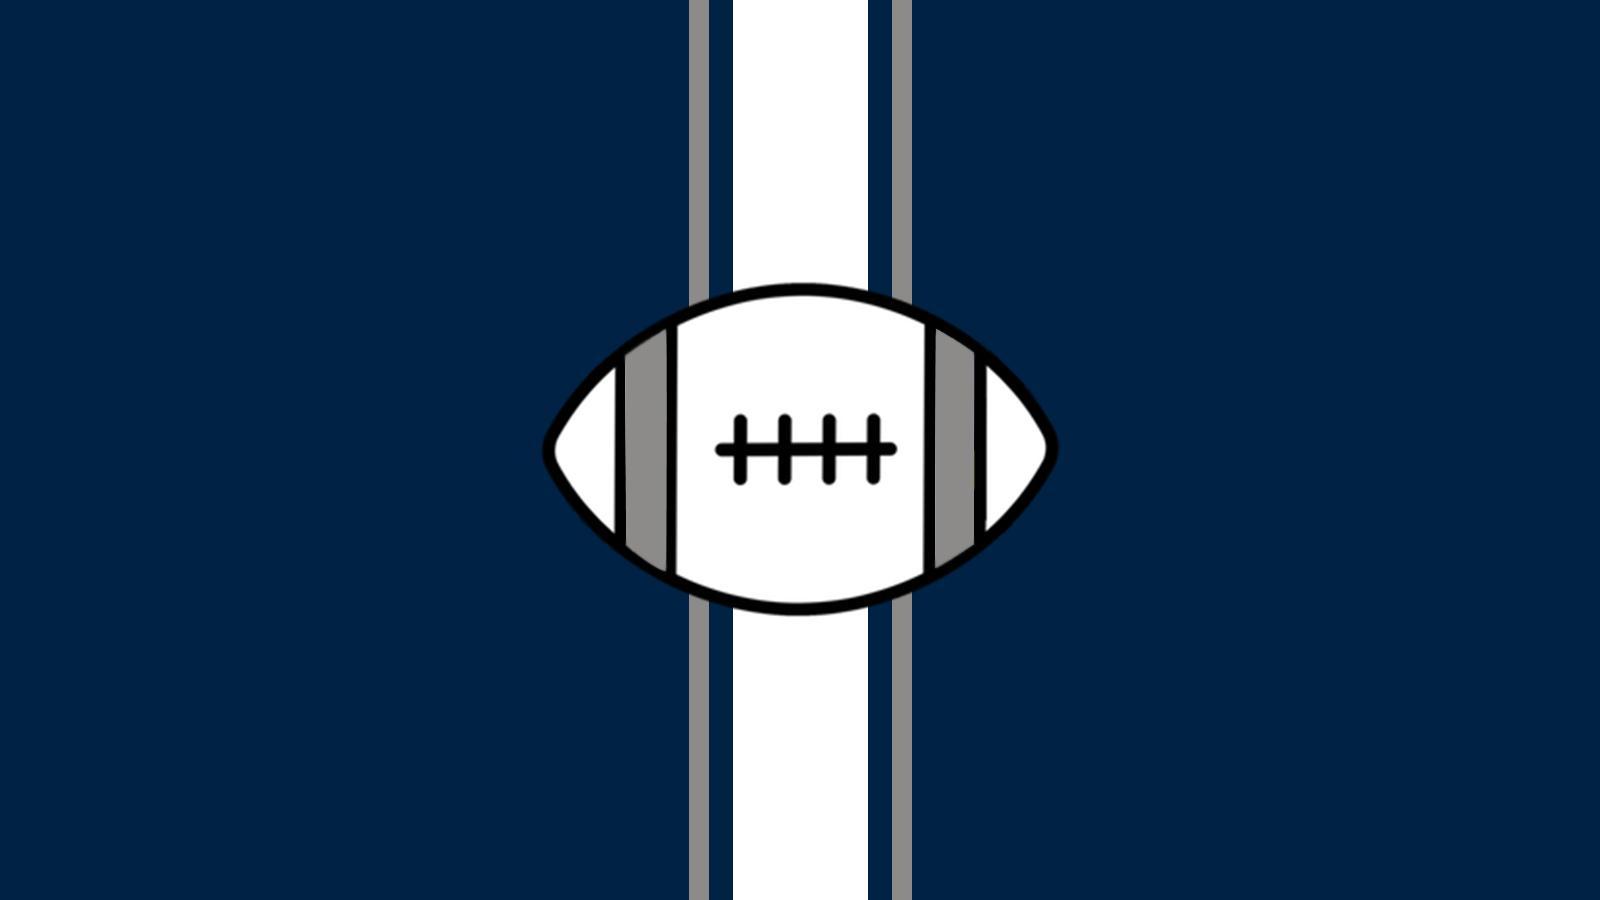 Los Angeles Rams at Dallas Cowboys